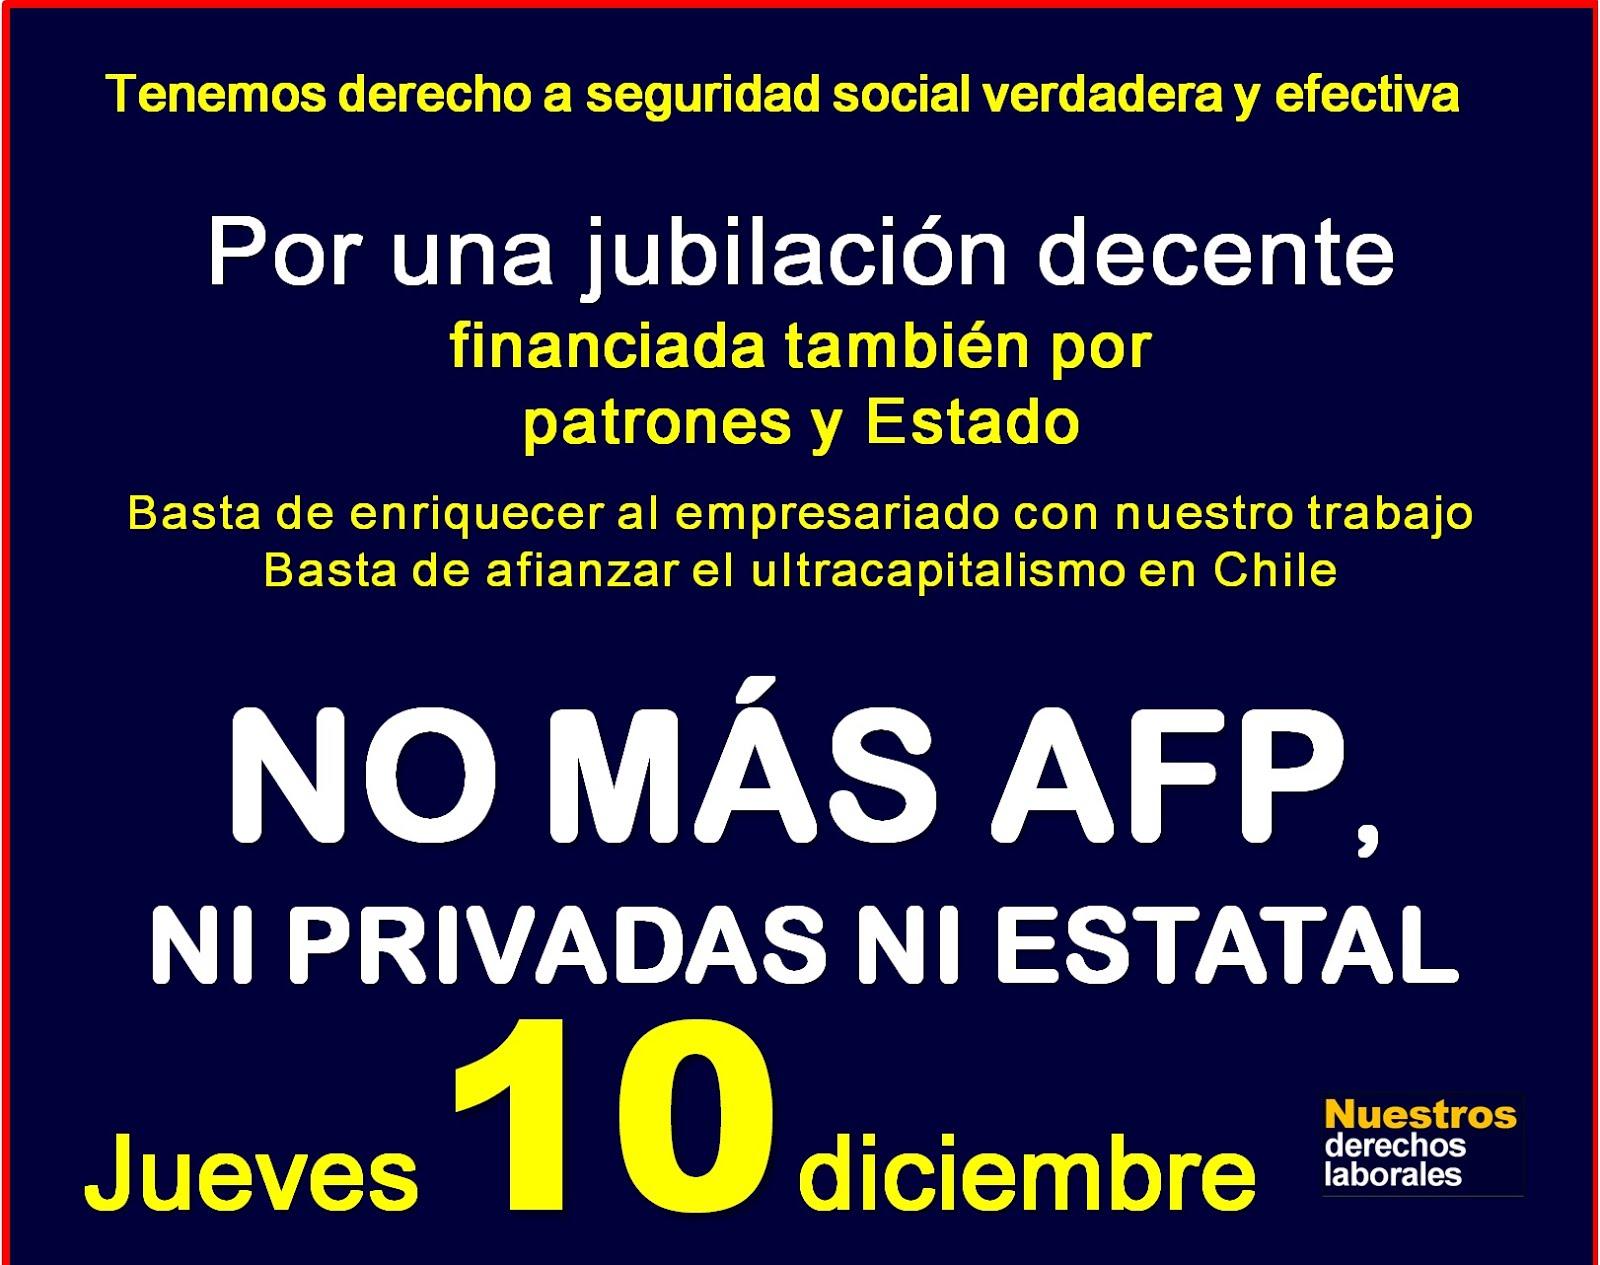 Jueves 10 de diciembre de 2015.  ACTIVIDADES EN SANTIAGO.  12 Horas: PLAZA DE ARMAS, Marcha NO+AFP.